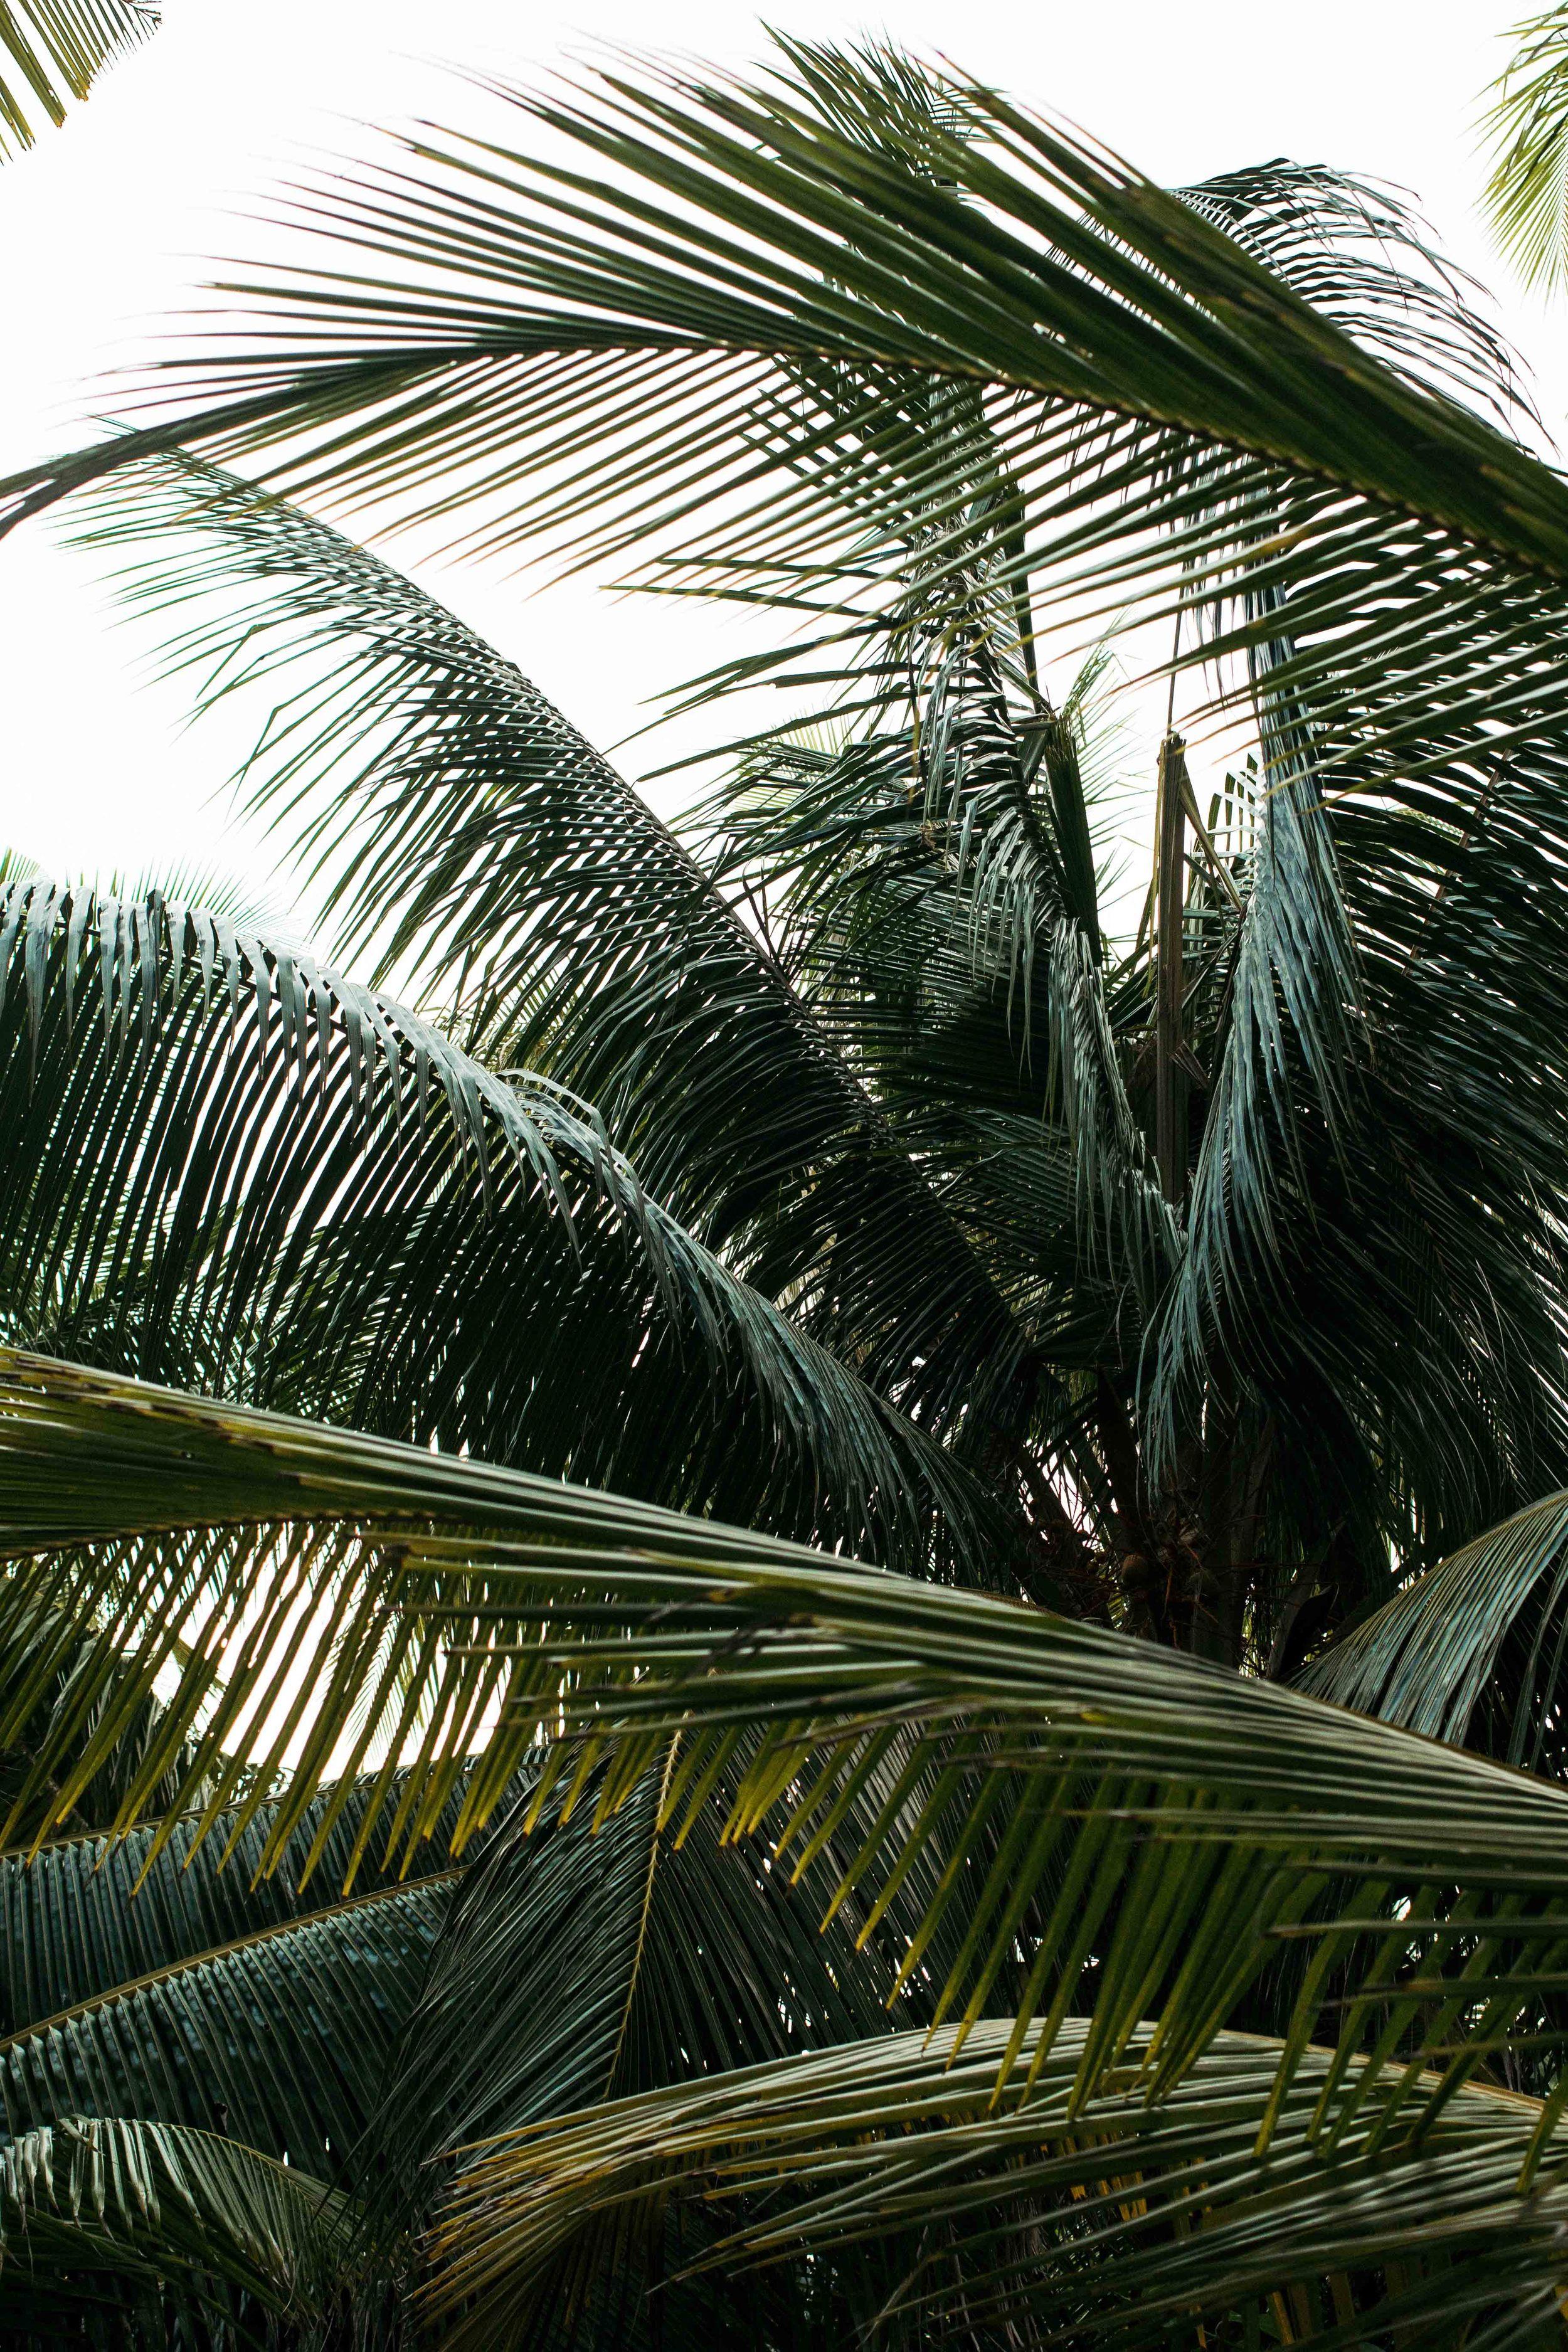 MALDIVES_CORONA_COCONUT COMRADERY_09.jpg